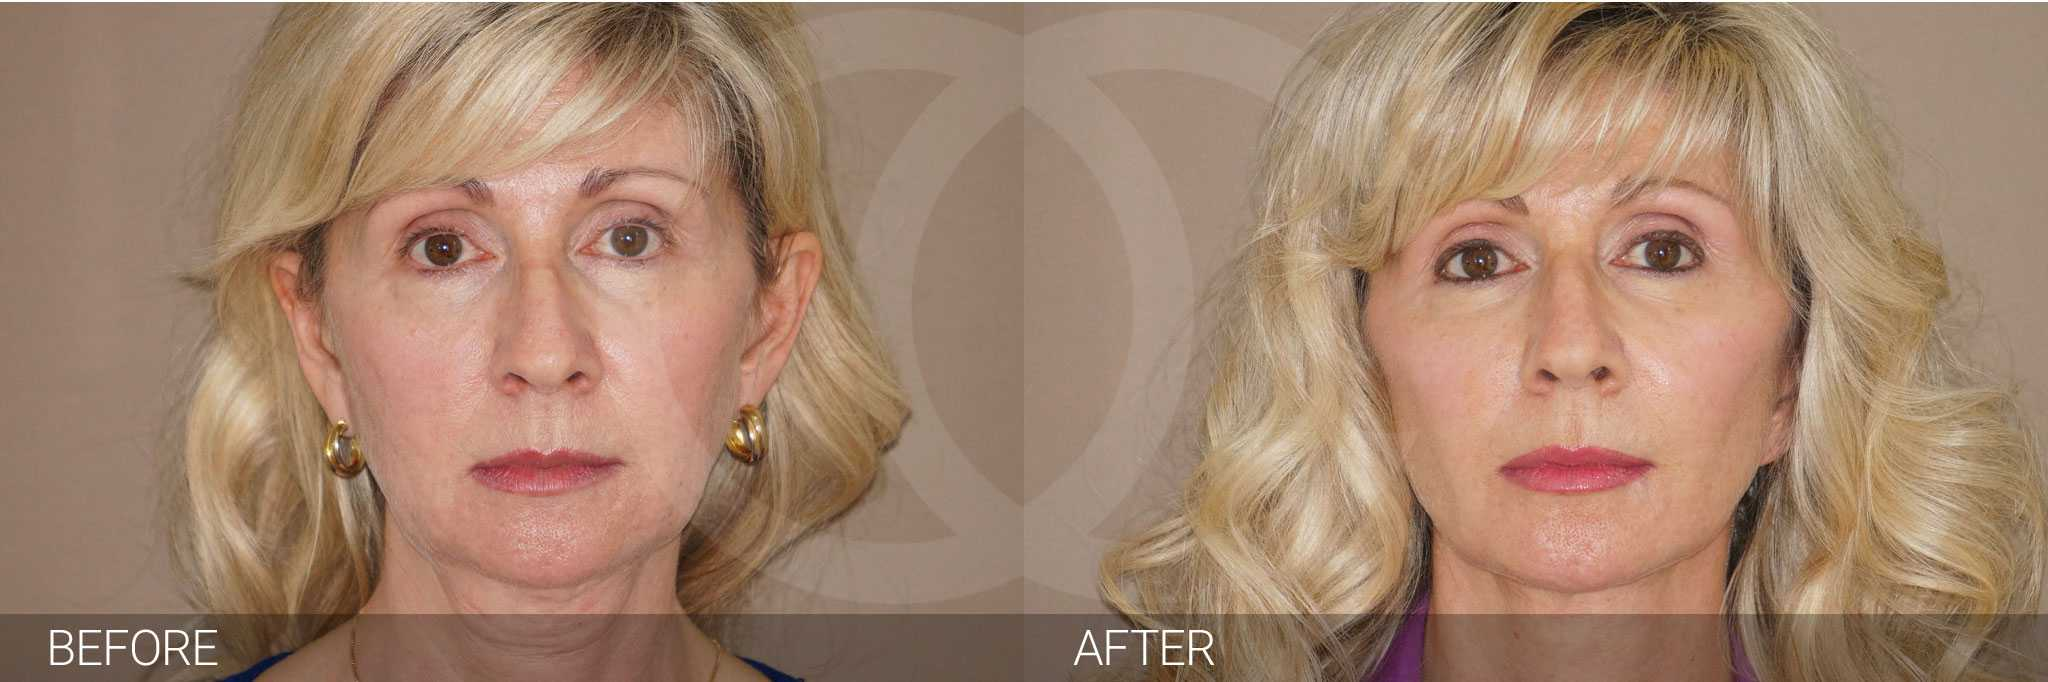 Gesichtsbehandlung mit Eigenfett BEHANDLUNG MIT EIGENFETT ante/post-op I